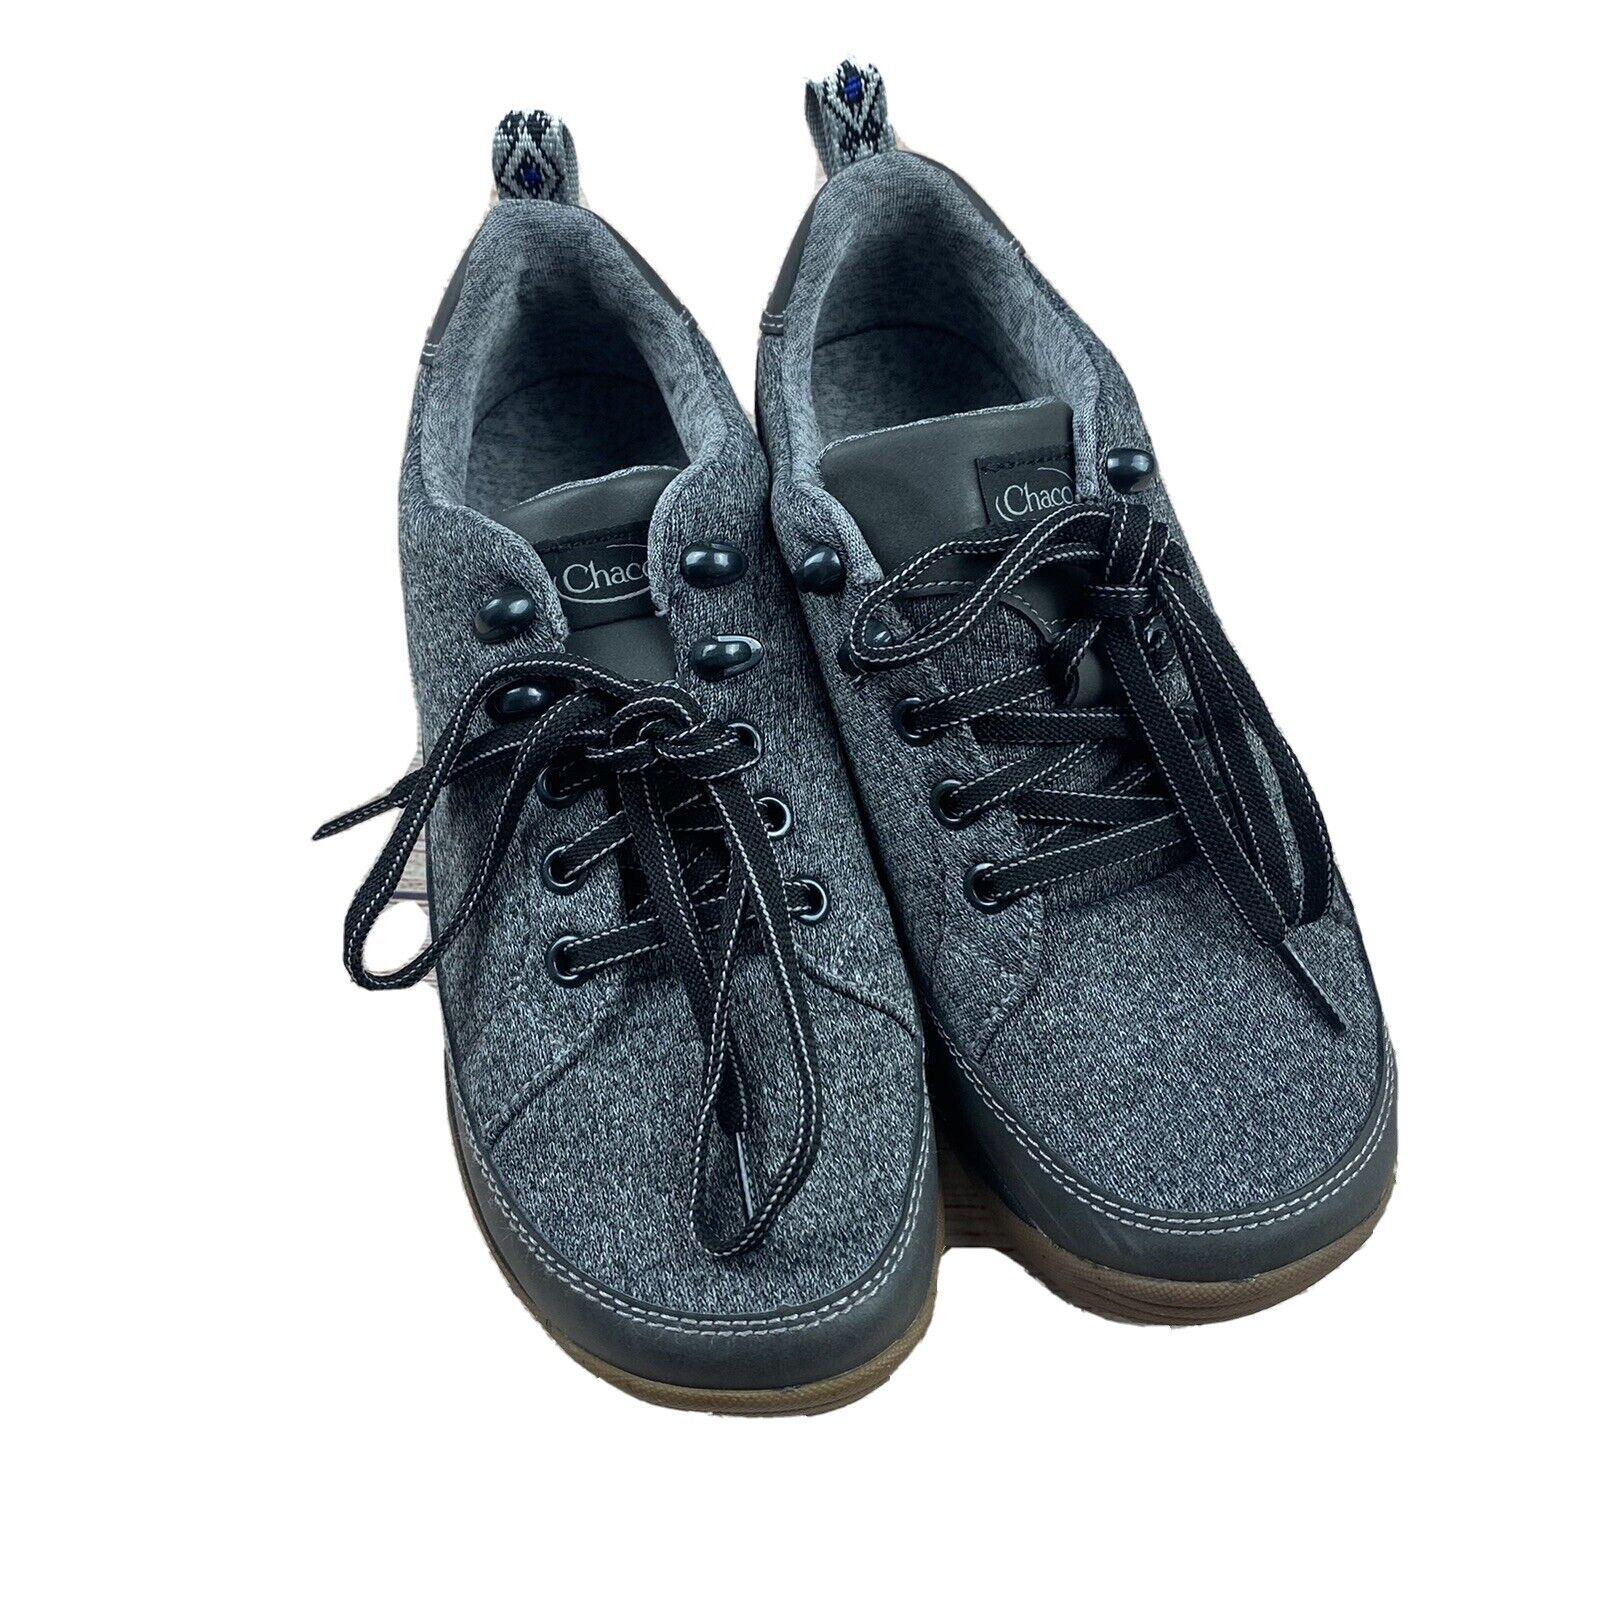 Chaco Footwear JCH107418 Women's Kanarra Wet Weather Casual Sneakers Sz 6 EUC